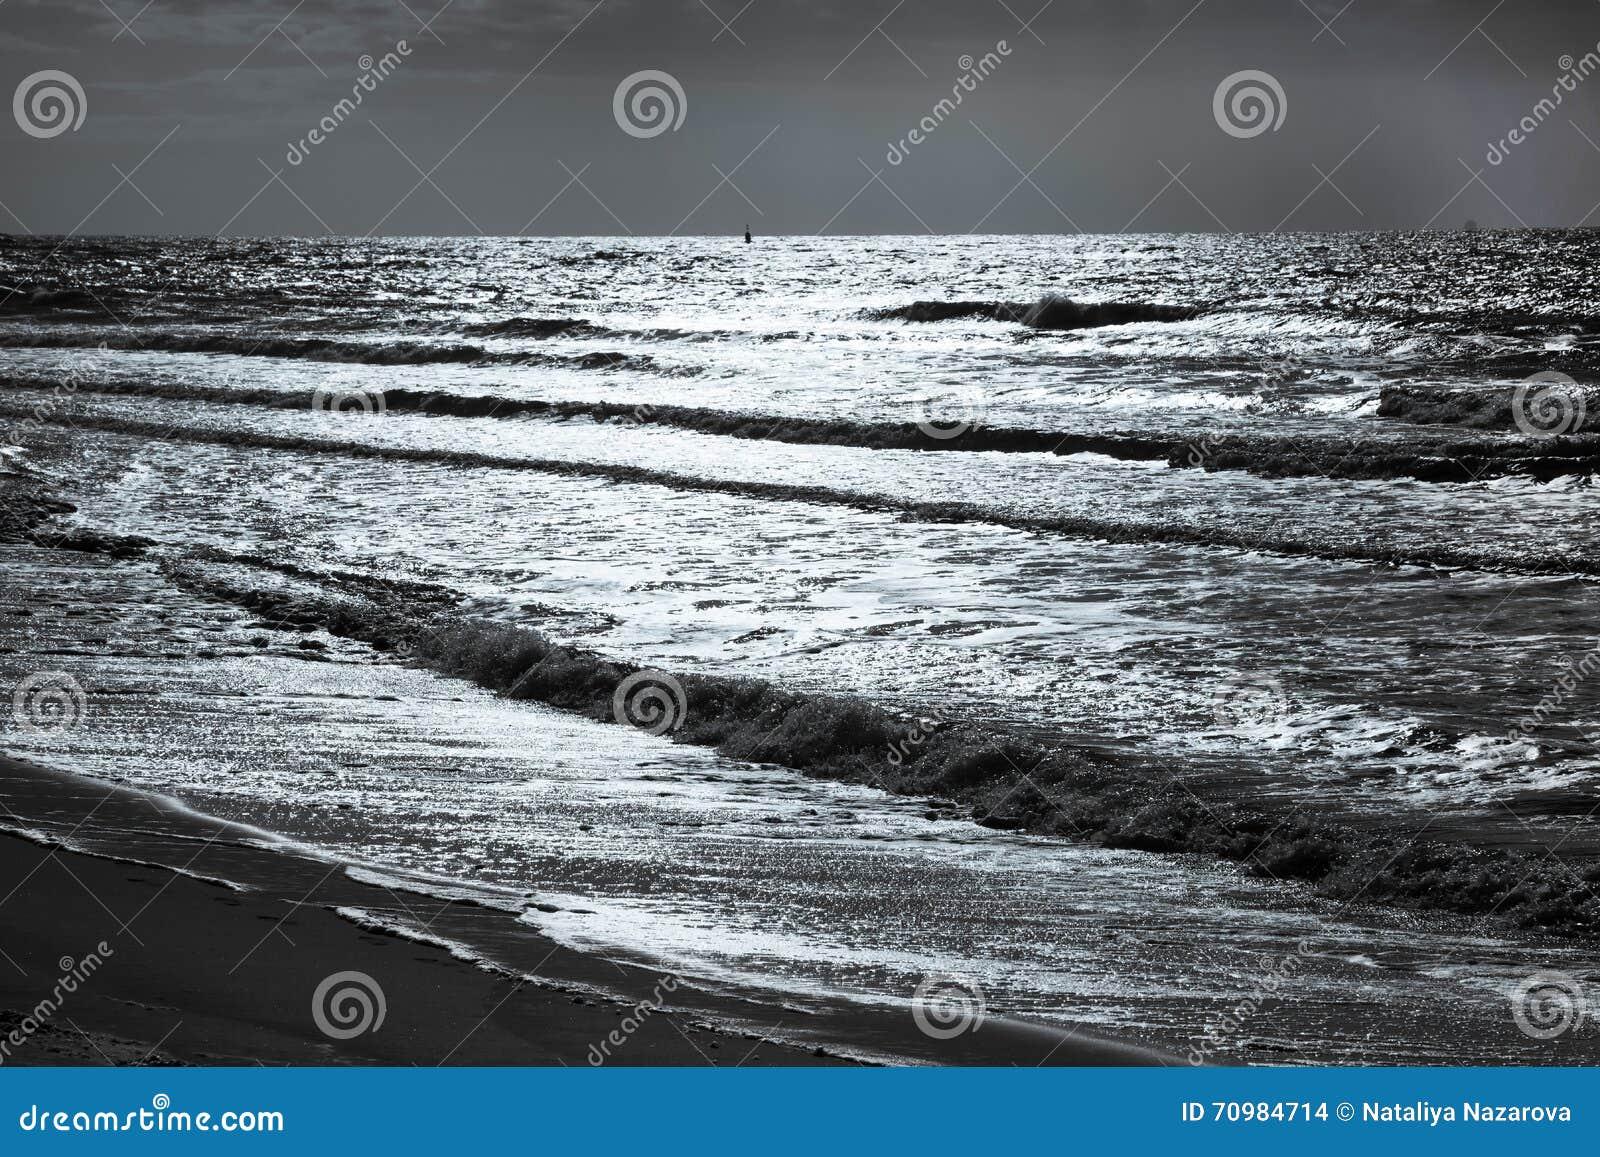 Schöner Meerblick Meer Des Späten Abends Mit Wellen Stockfoto